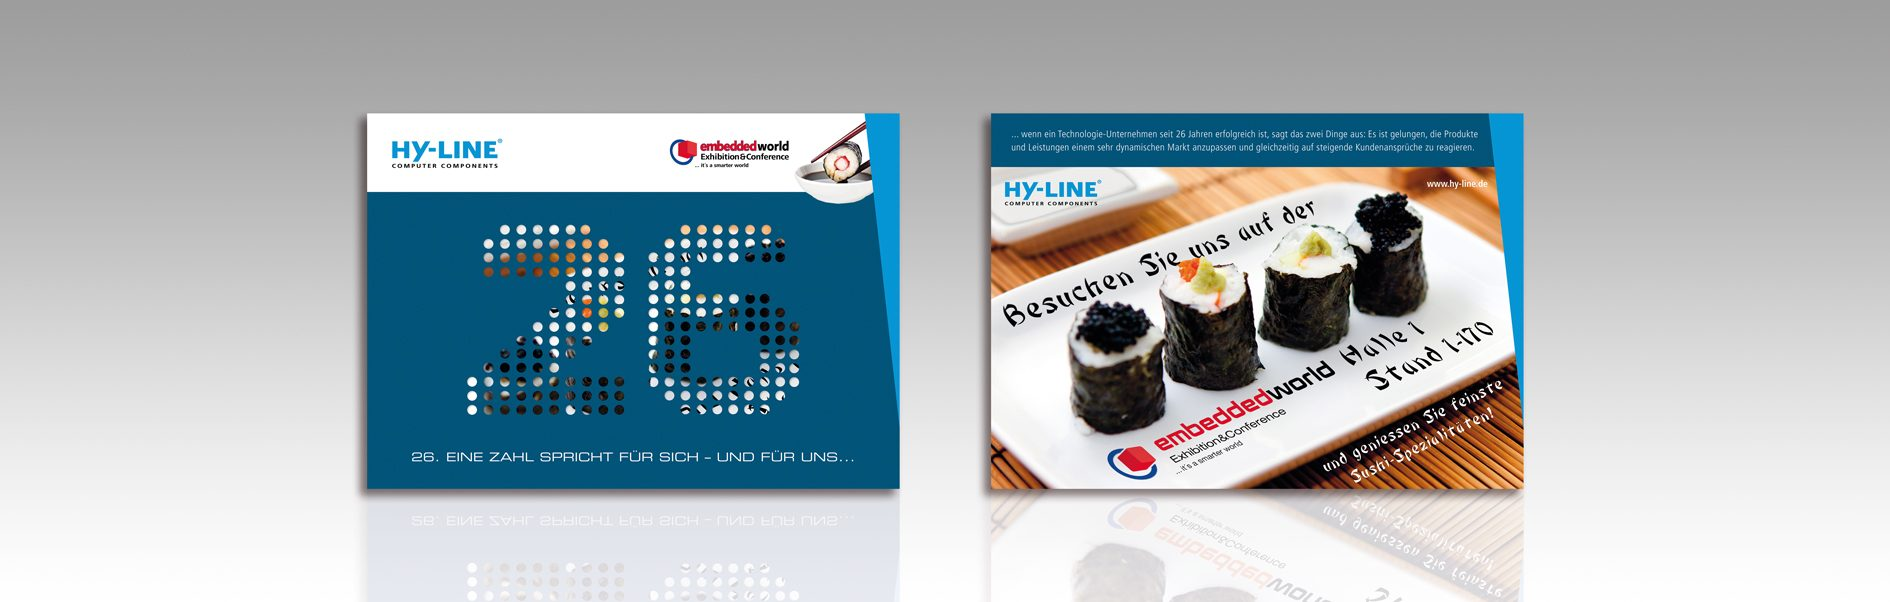 Hier ist die Anzeigenkampagne 2016 von HY-LINE abgebildet.